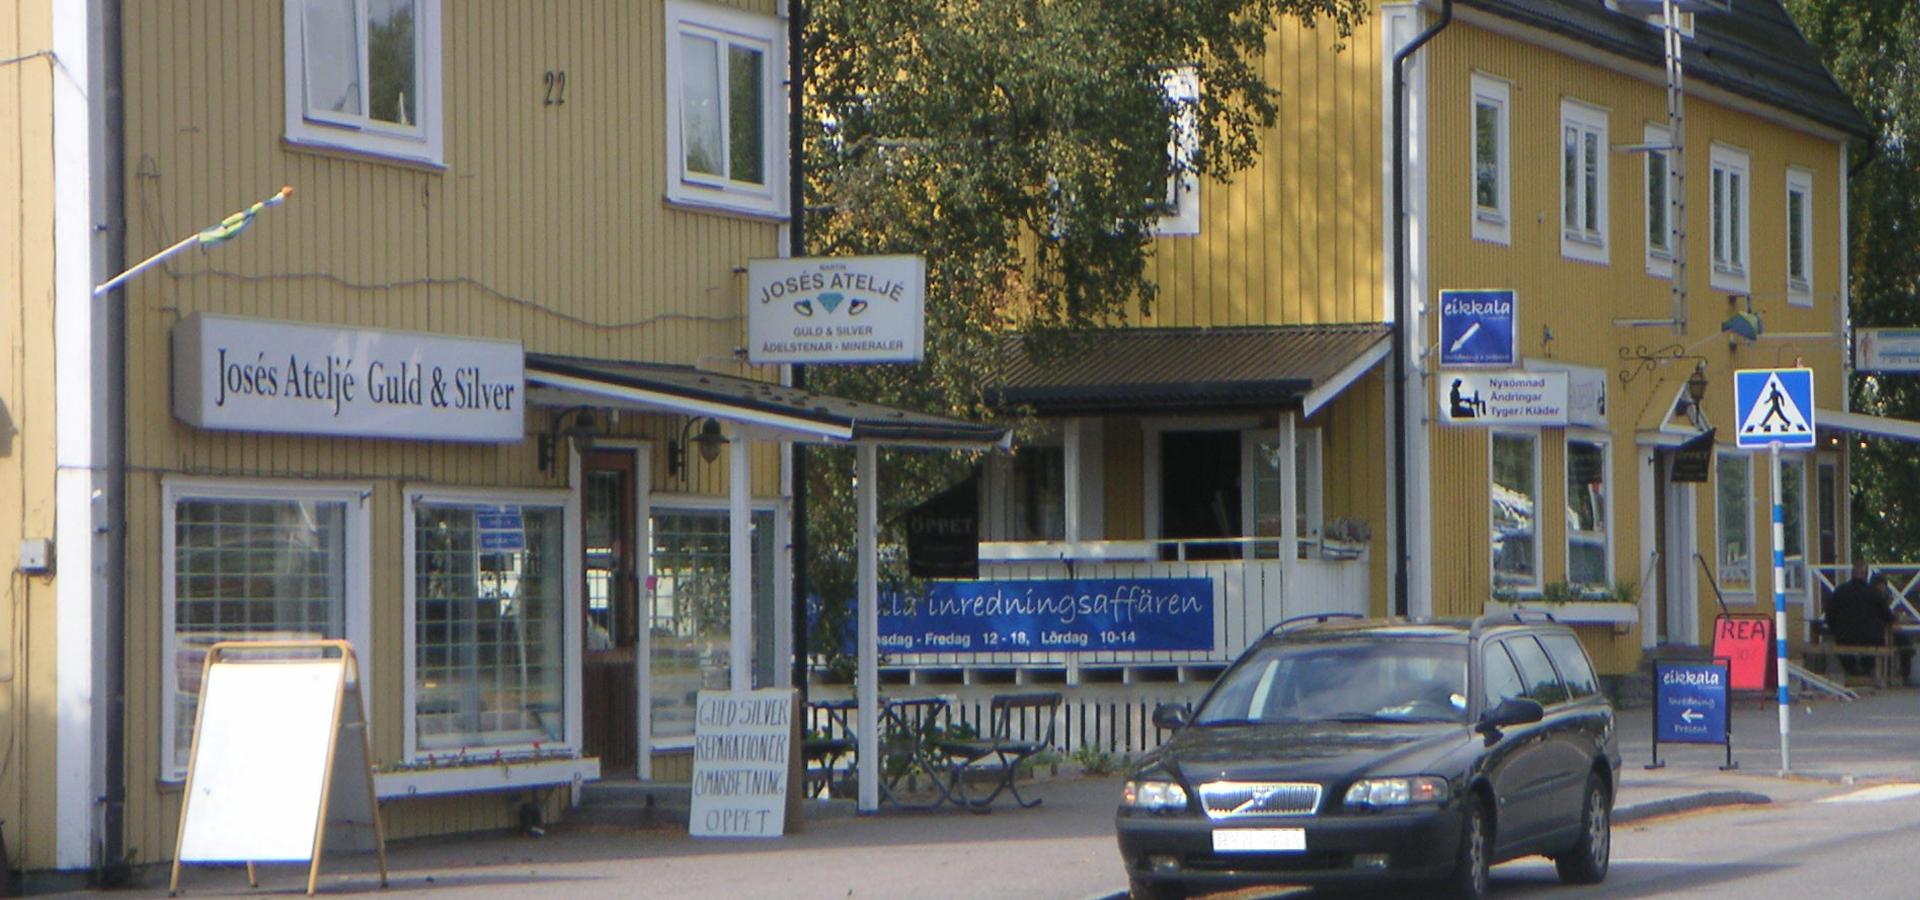 Peer-to-peer advisory in Stockholm